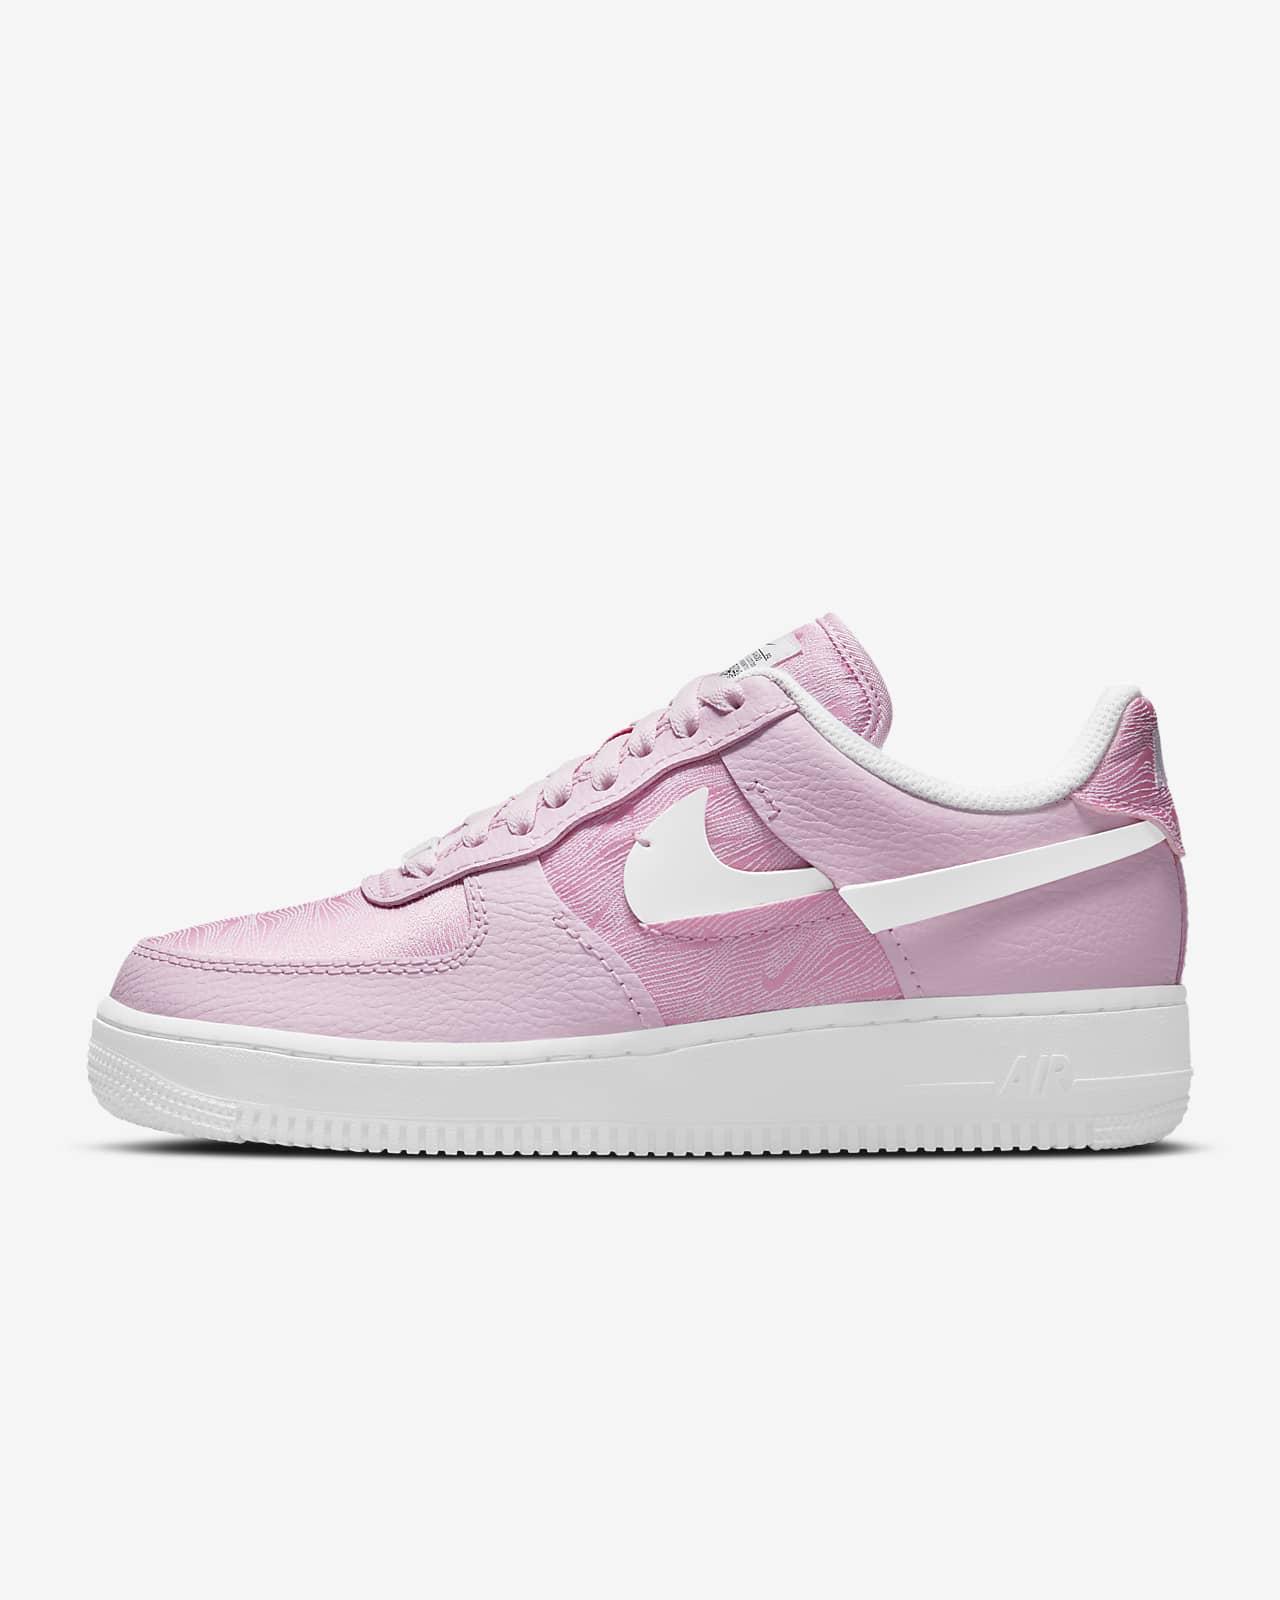 Nike Air Force 1 LXX Kadın Ayakkabısı